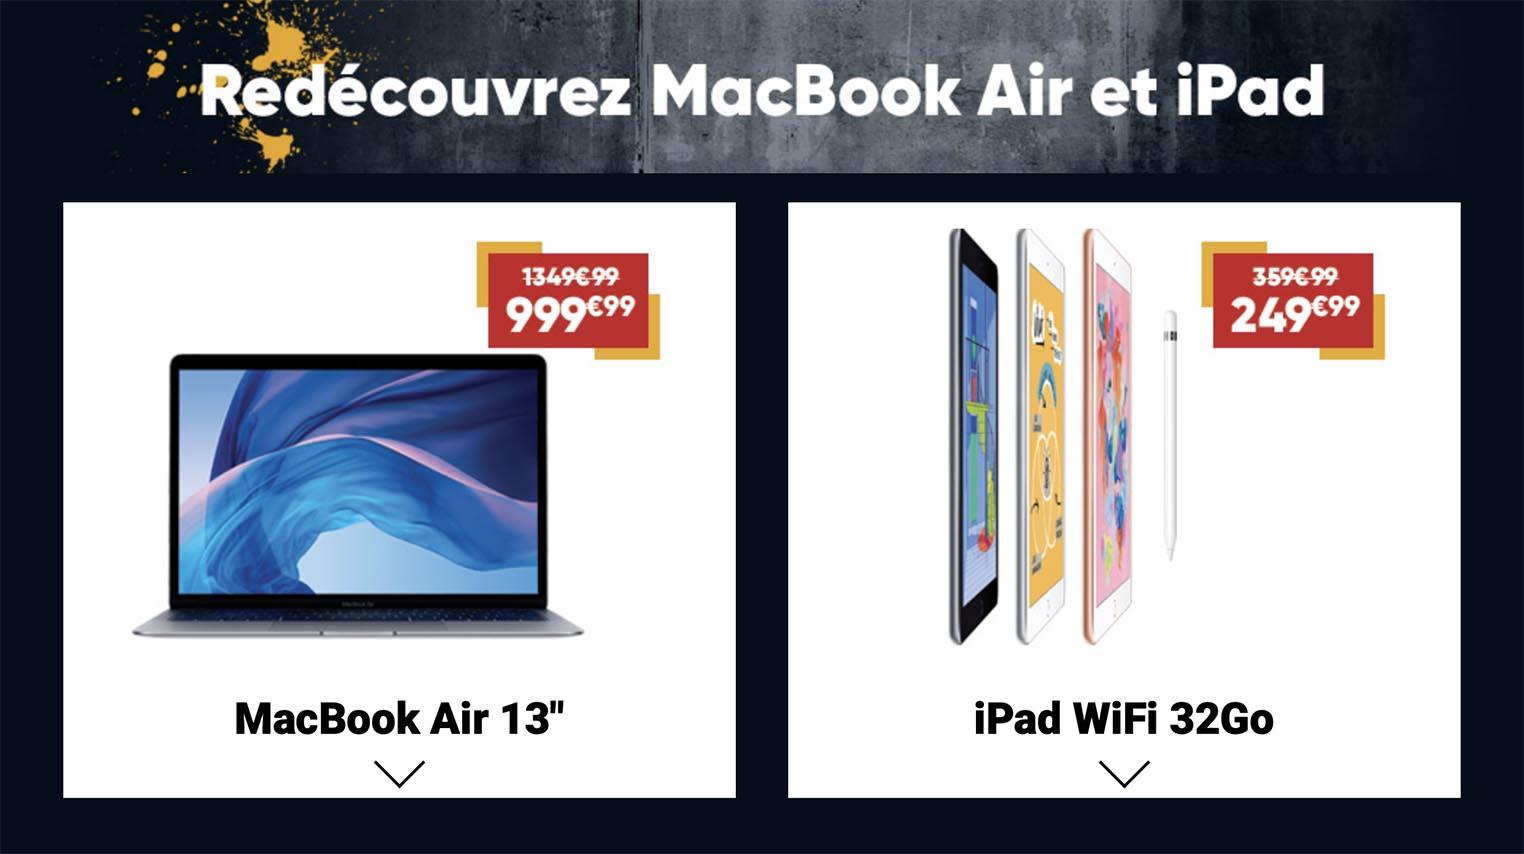 Offre reprise MacBook Air iPad Fnac